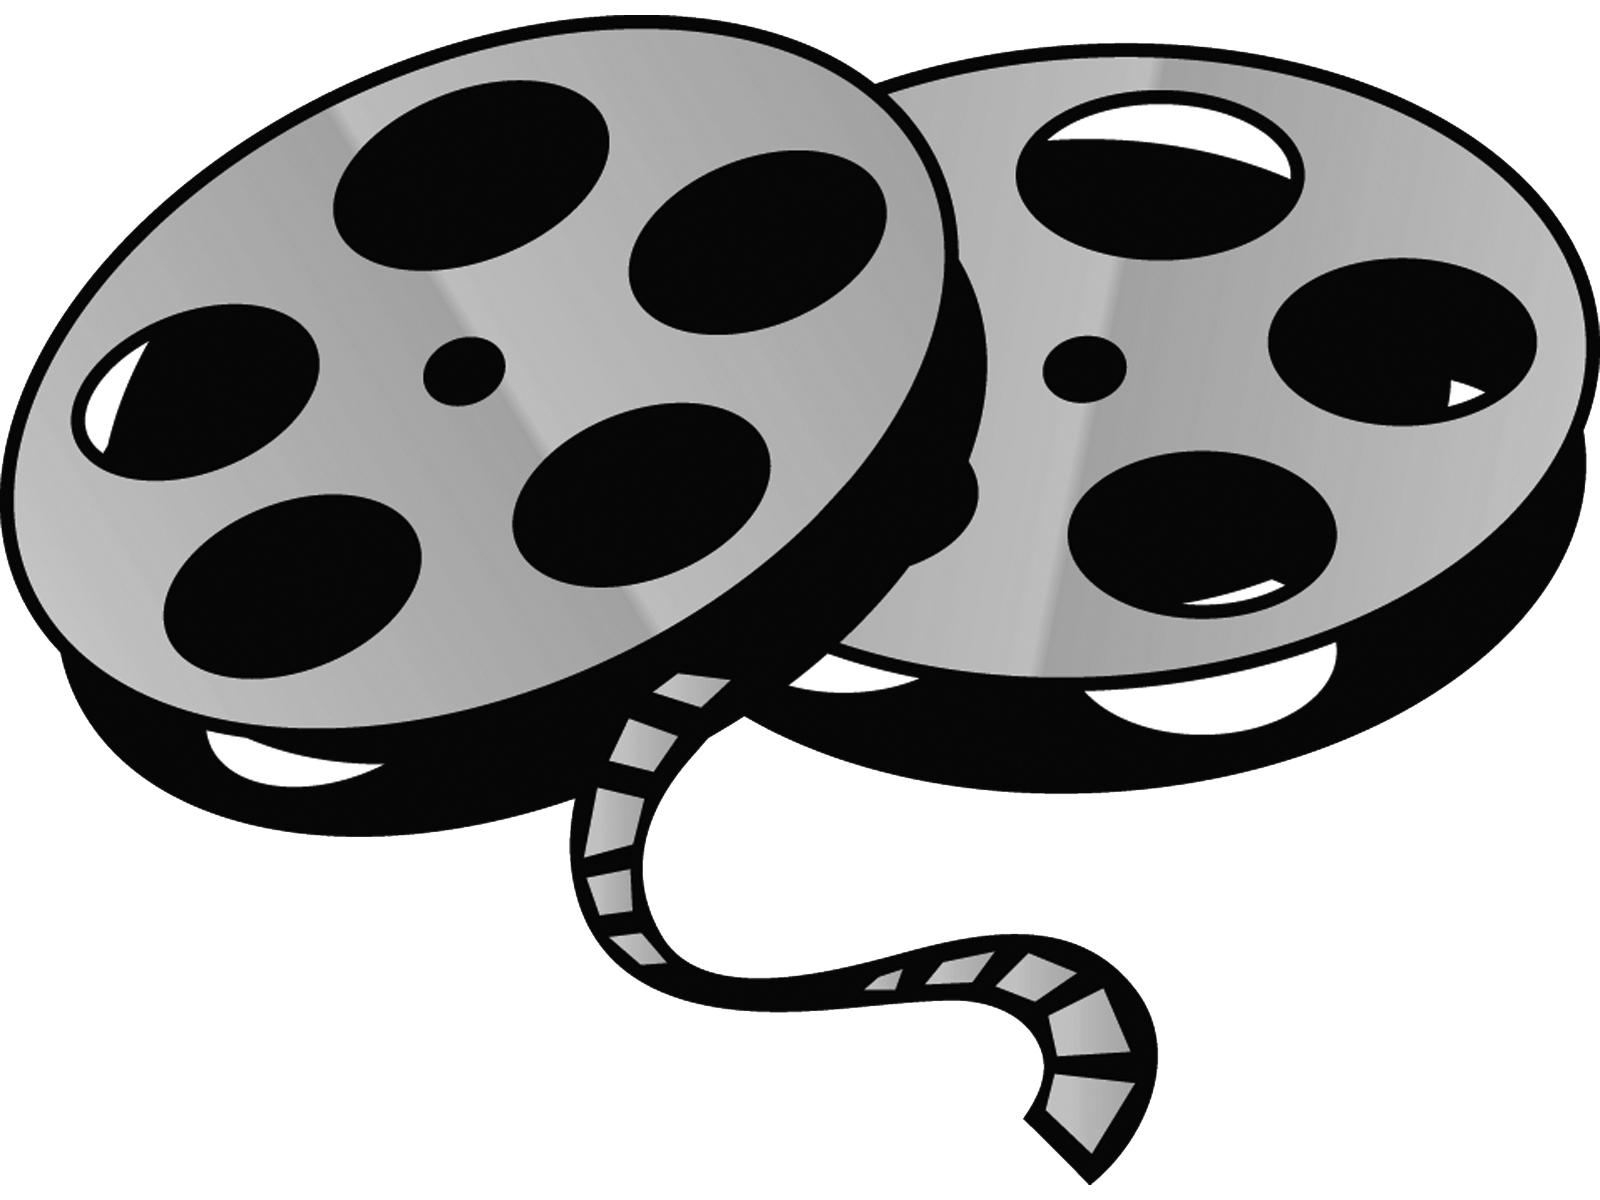 Movie reel film reel cliparts